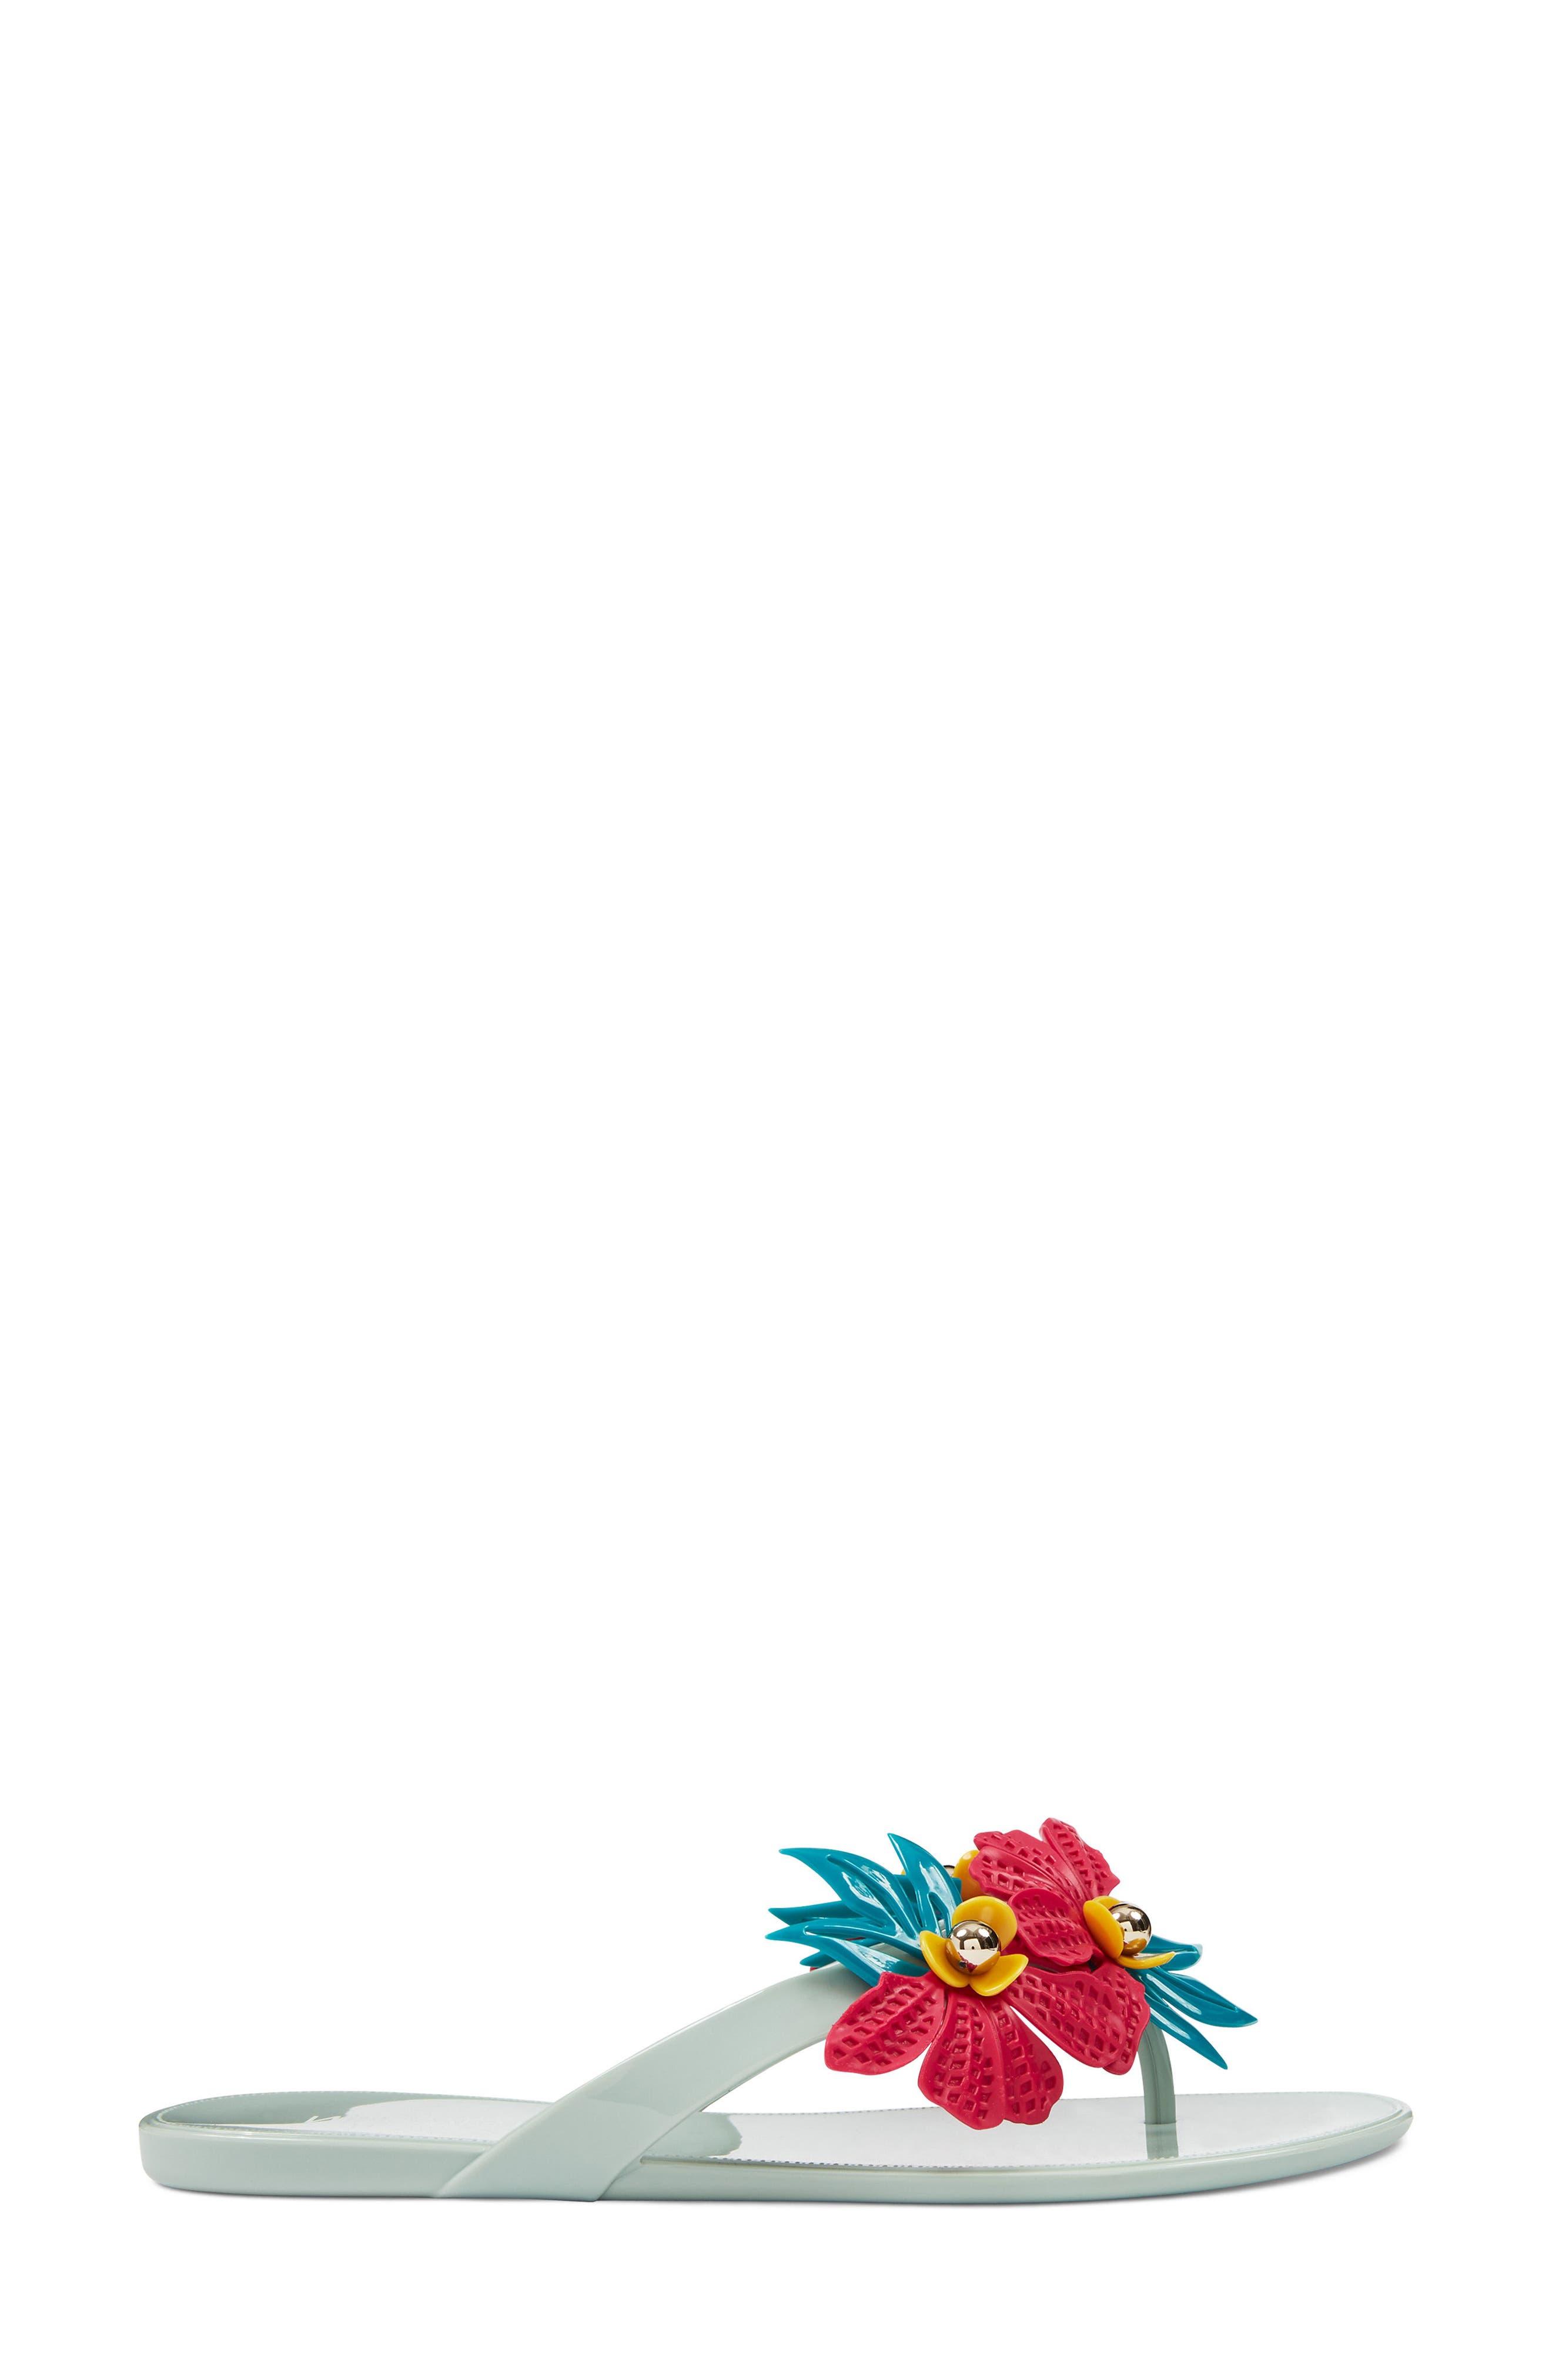 Macinee Thong Sandal,                             Alternate thumbnail 3, color,                             LIGHT GREEN MULTI